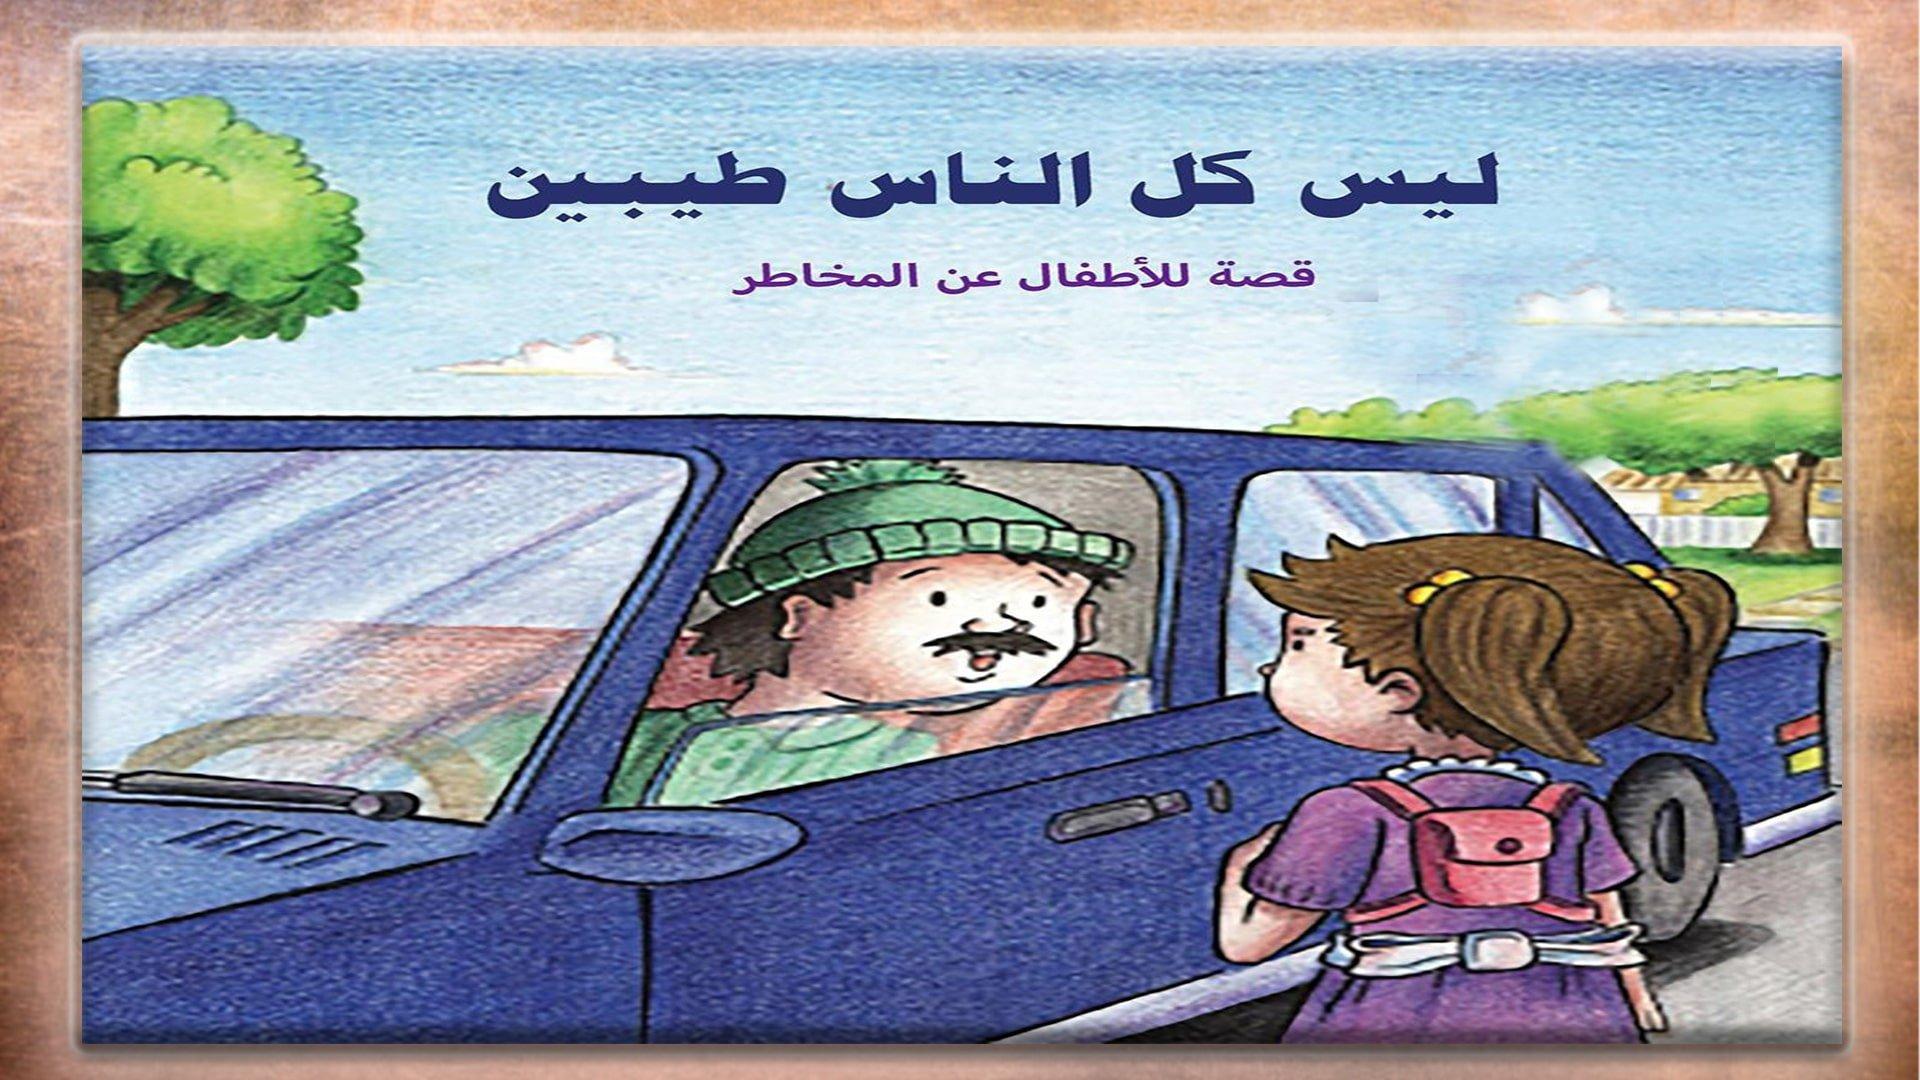 قصة توعي الاطفال بطريقة التعامل مع الغرباء من راويتي تروي قصة